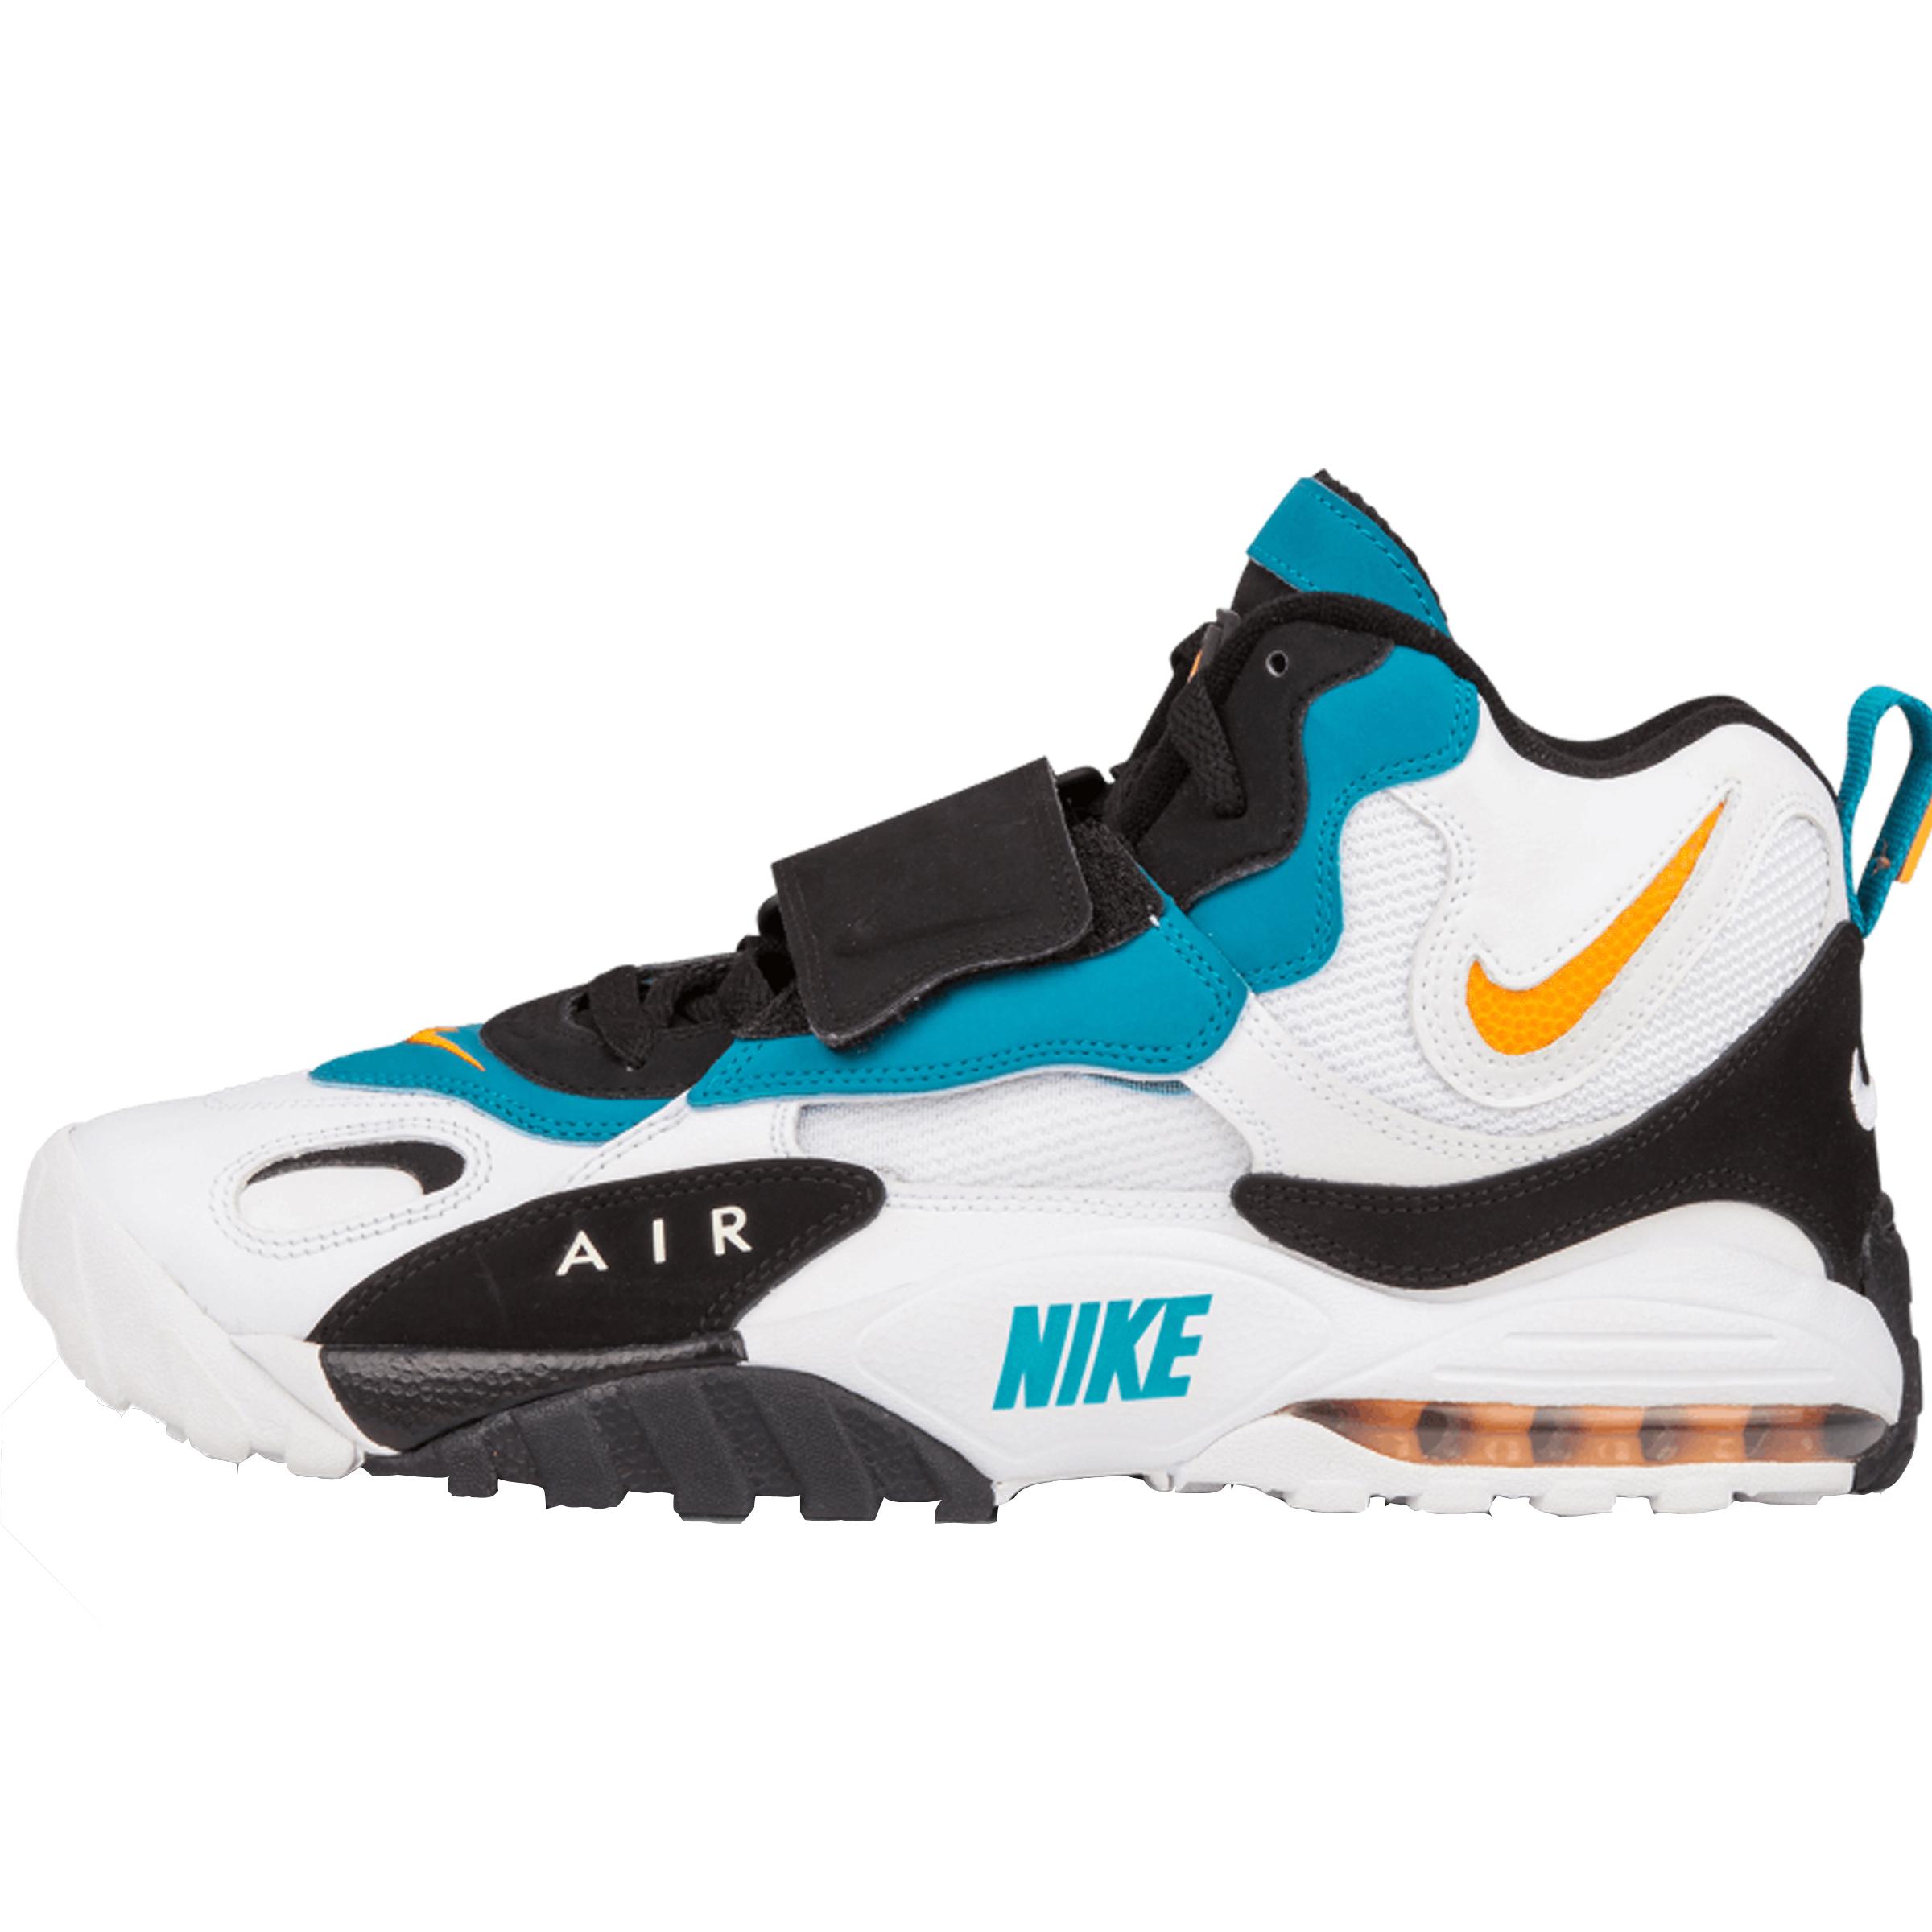 خرید                     کفش مخصوص پیاده روی زنانه نایکی مدل AIR 100-525225